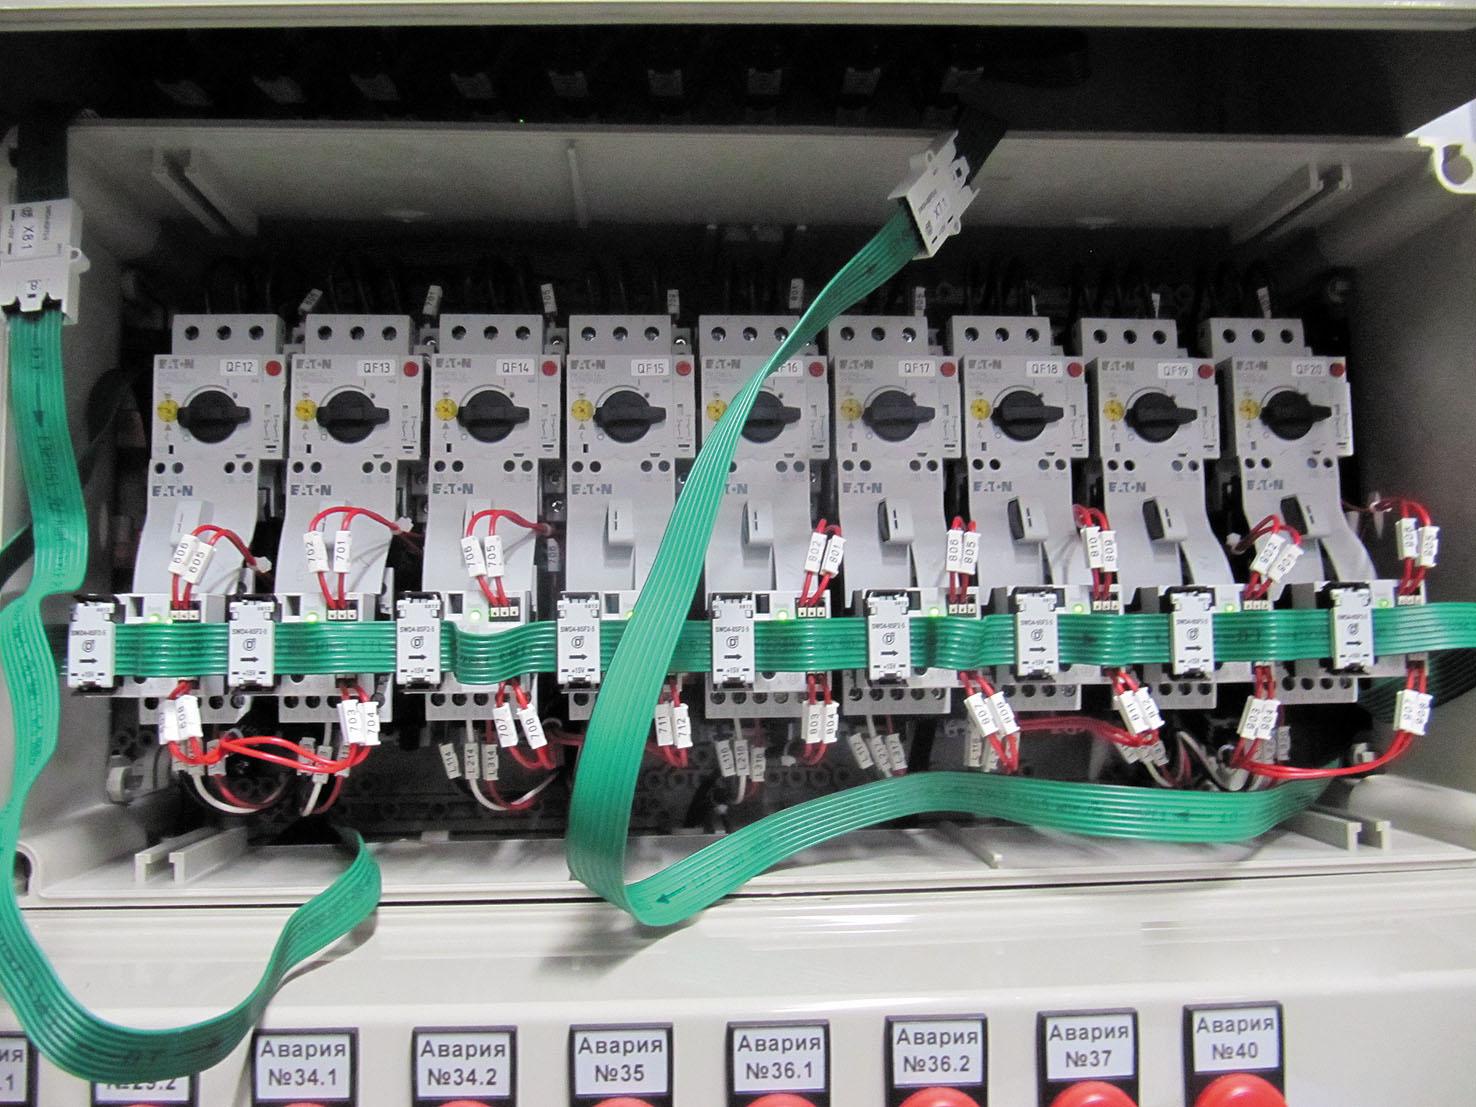 Рис. 5. Коммуникационная система Eaton SmartWire-DT на заводе «ДАМАТЕ», г. Пенза